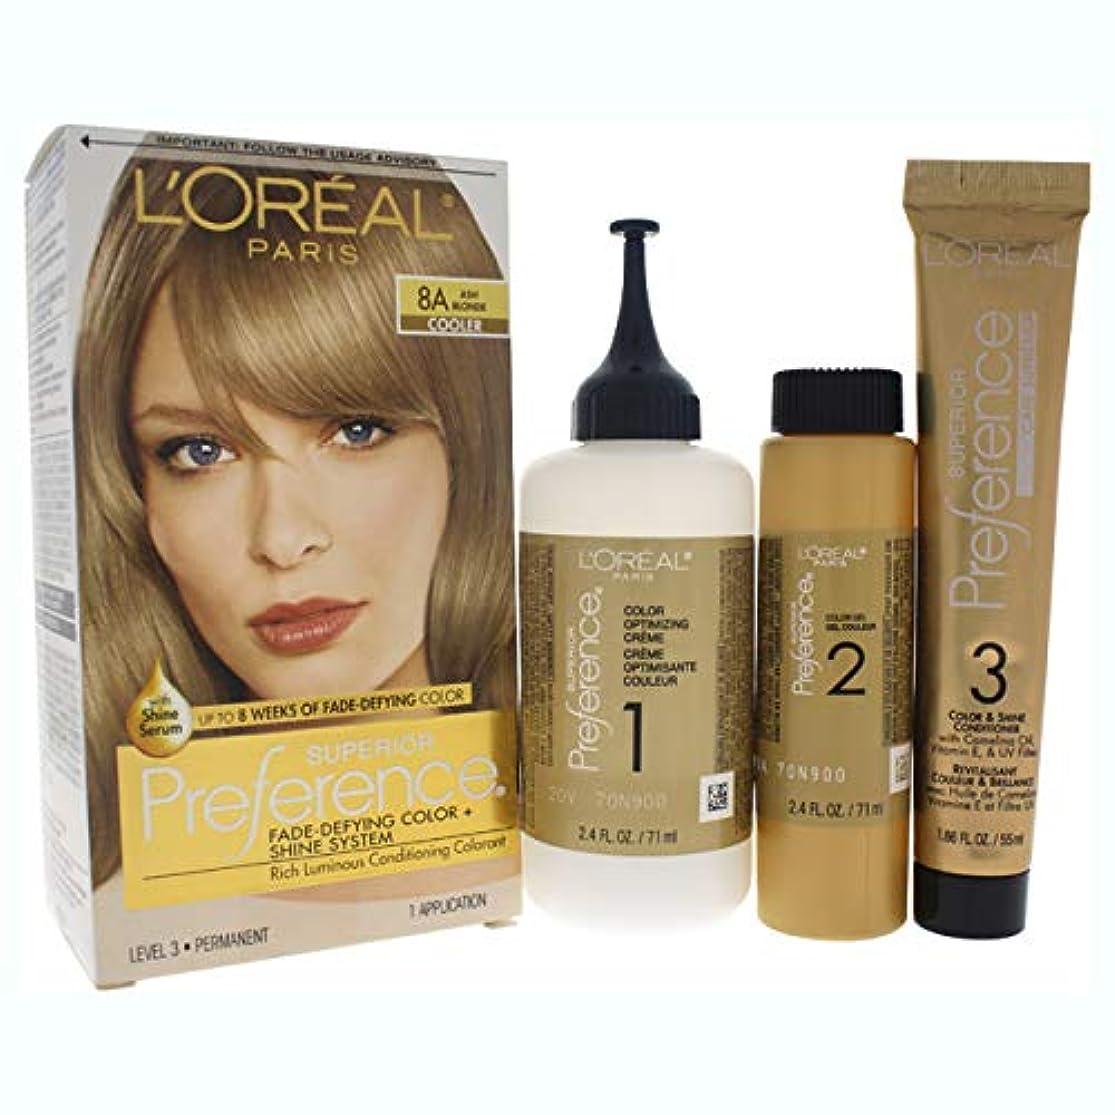 行ミルクフォーマルL'Oreal Paris 県Haircol 8Aサイズ1CTロレアルプリファレンスヘアカラーアッシュブロンド#8(a)